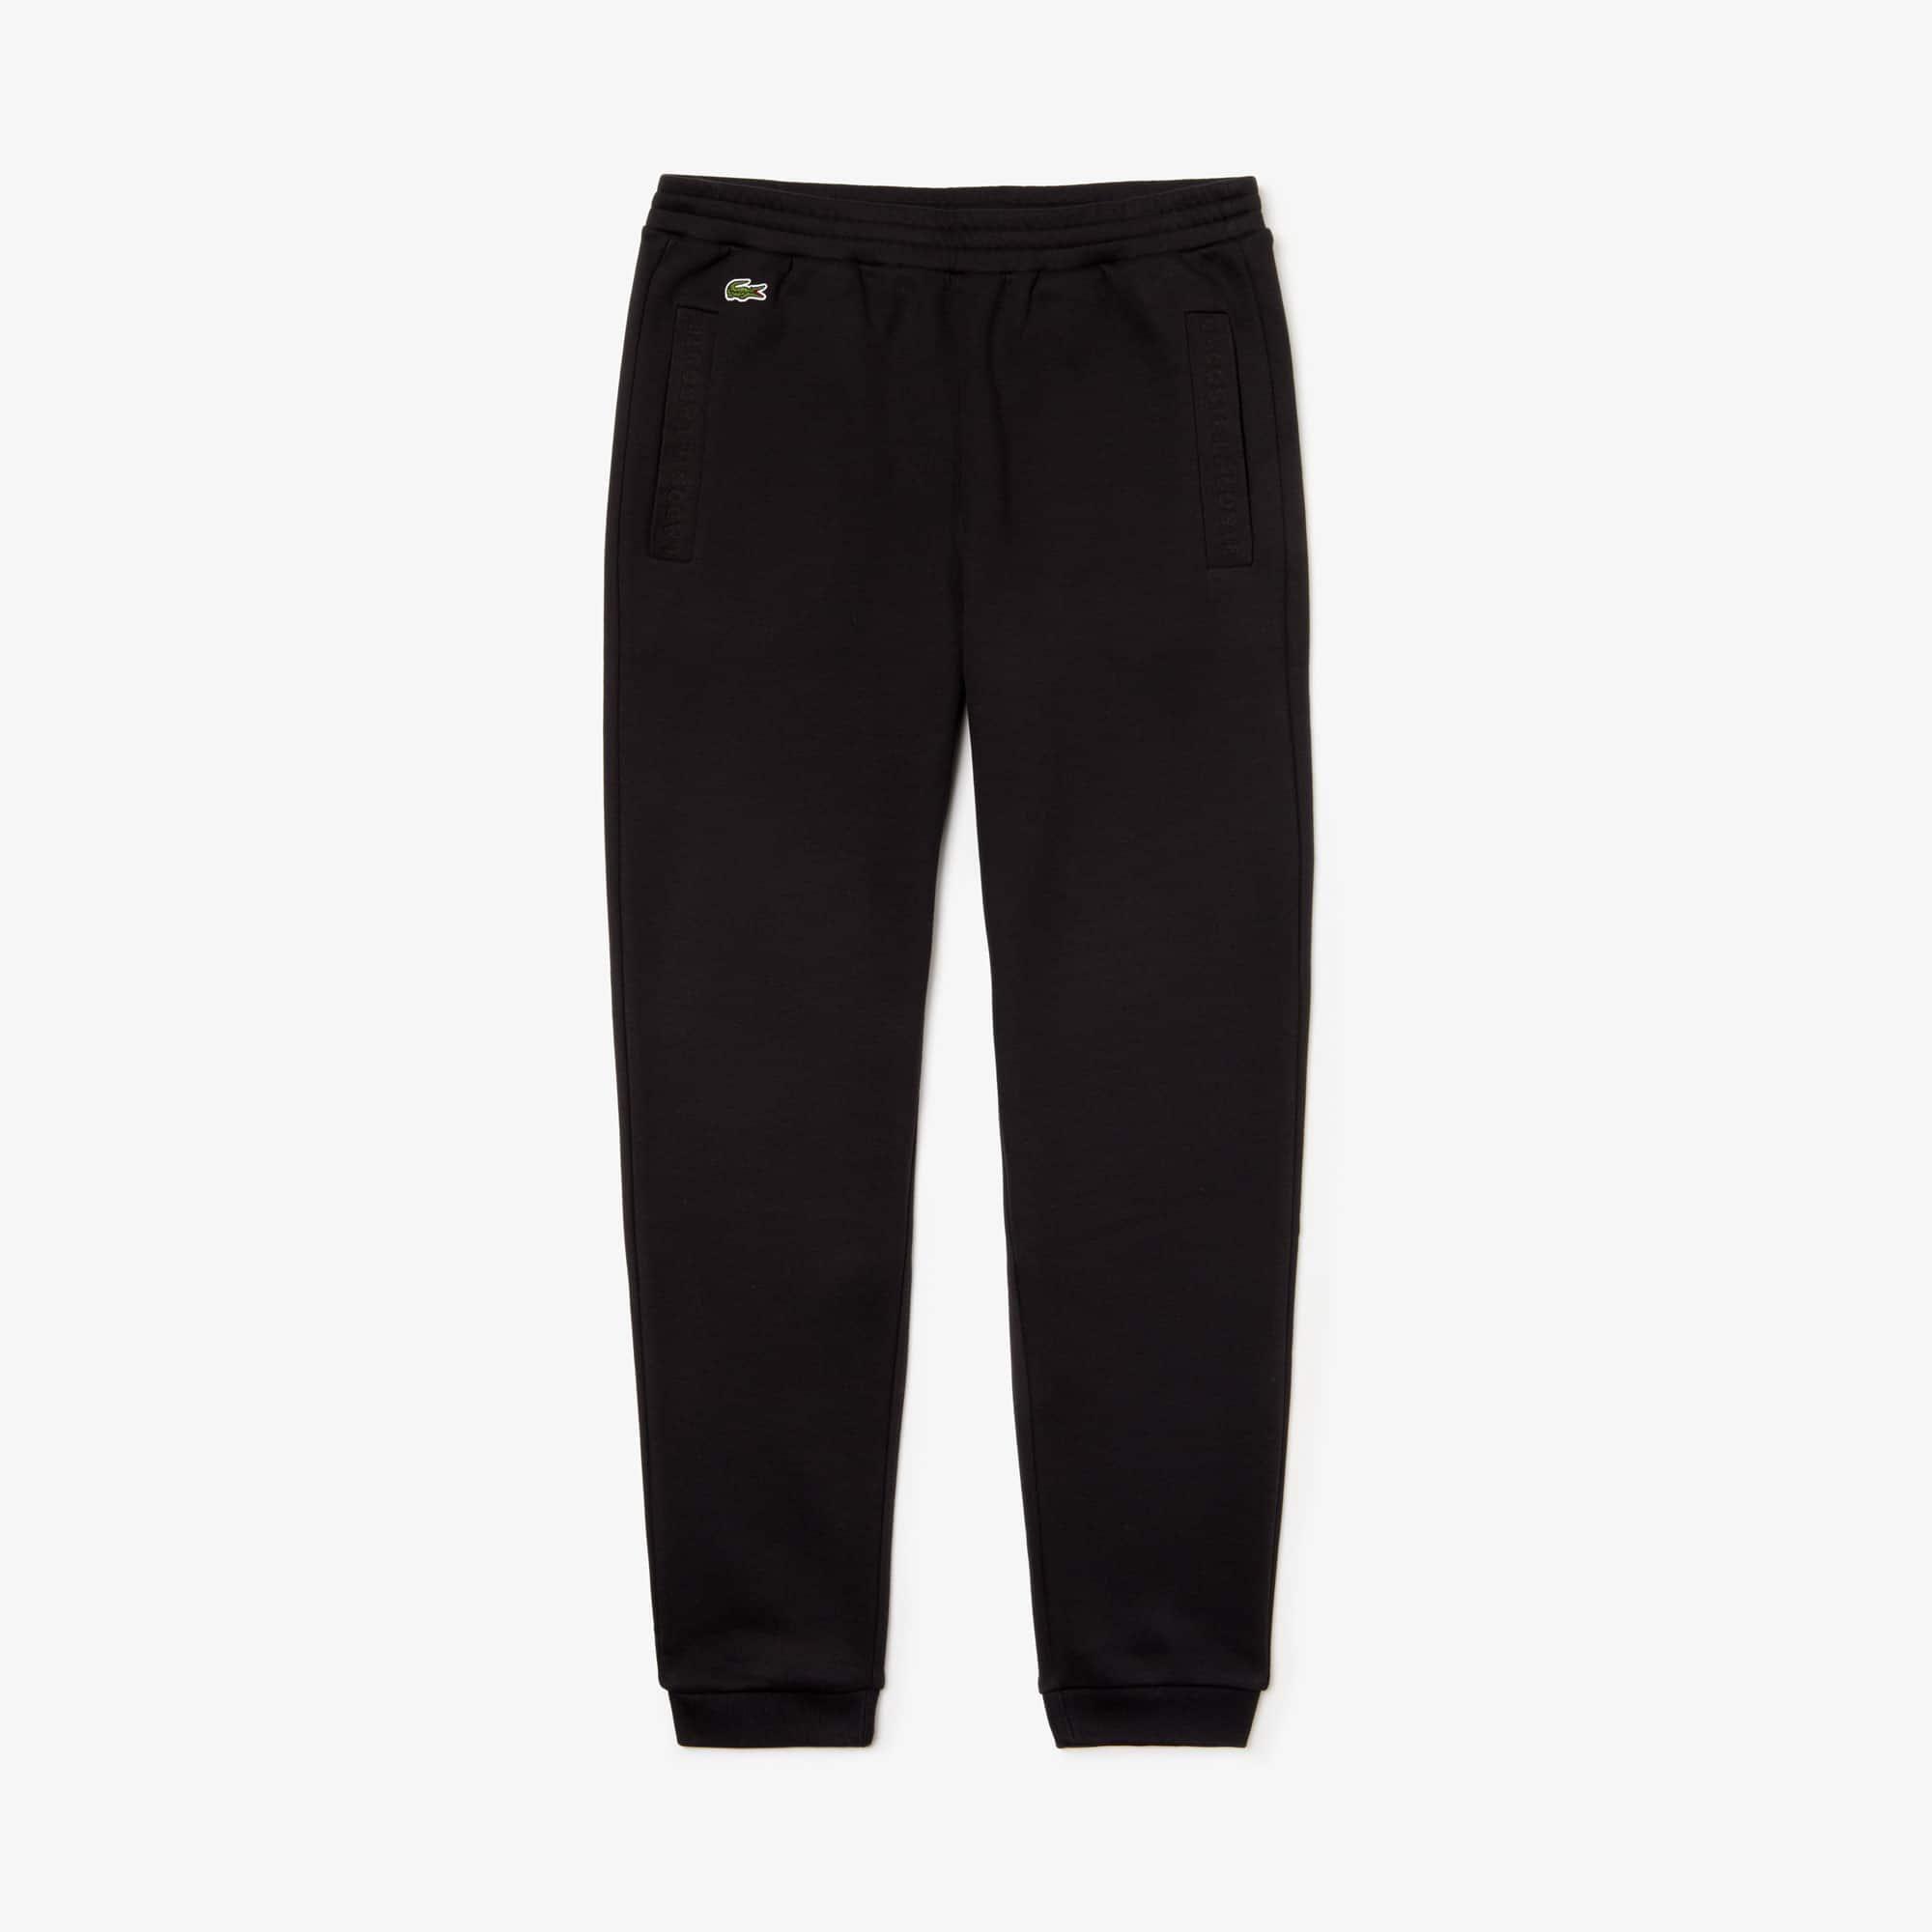 609f451ce9 Men's Lacoste Signature Fleece Sweatpants